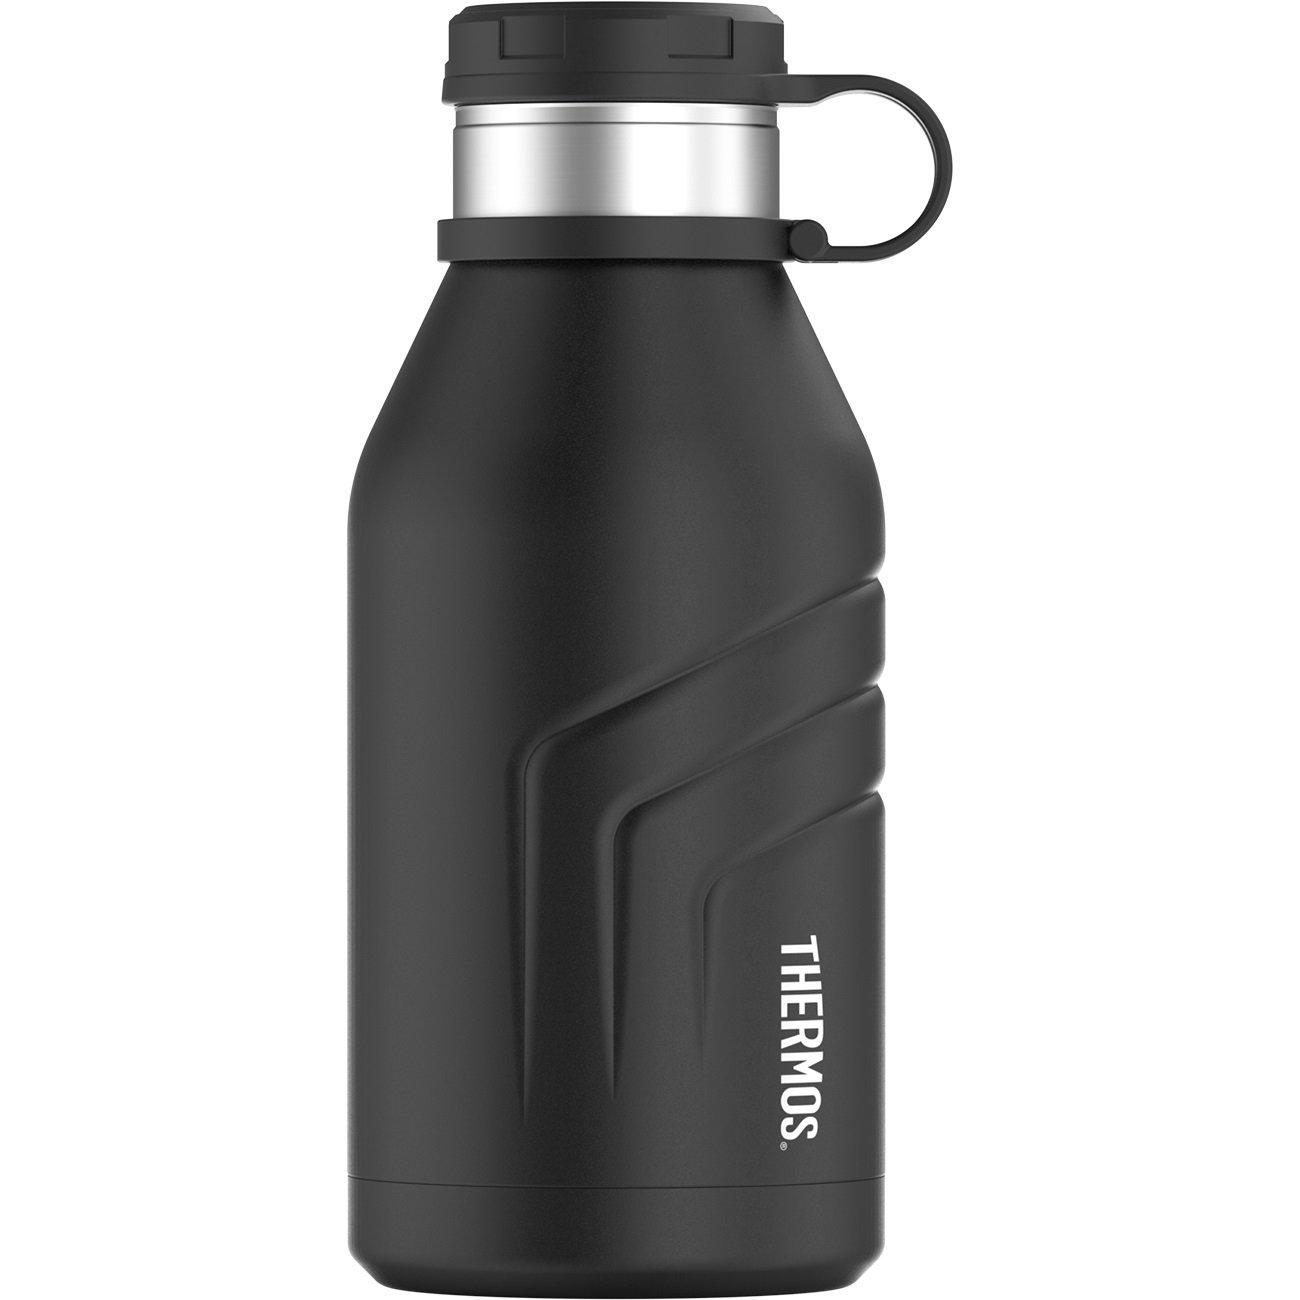 써모스 음료수 물통 Thermos Element 5 Vacuum Insulated 32 oz Beverage Bottle with Screw Top Lid, Black